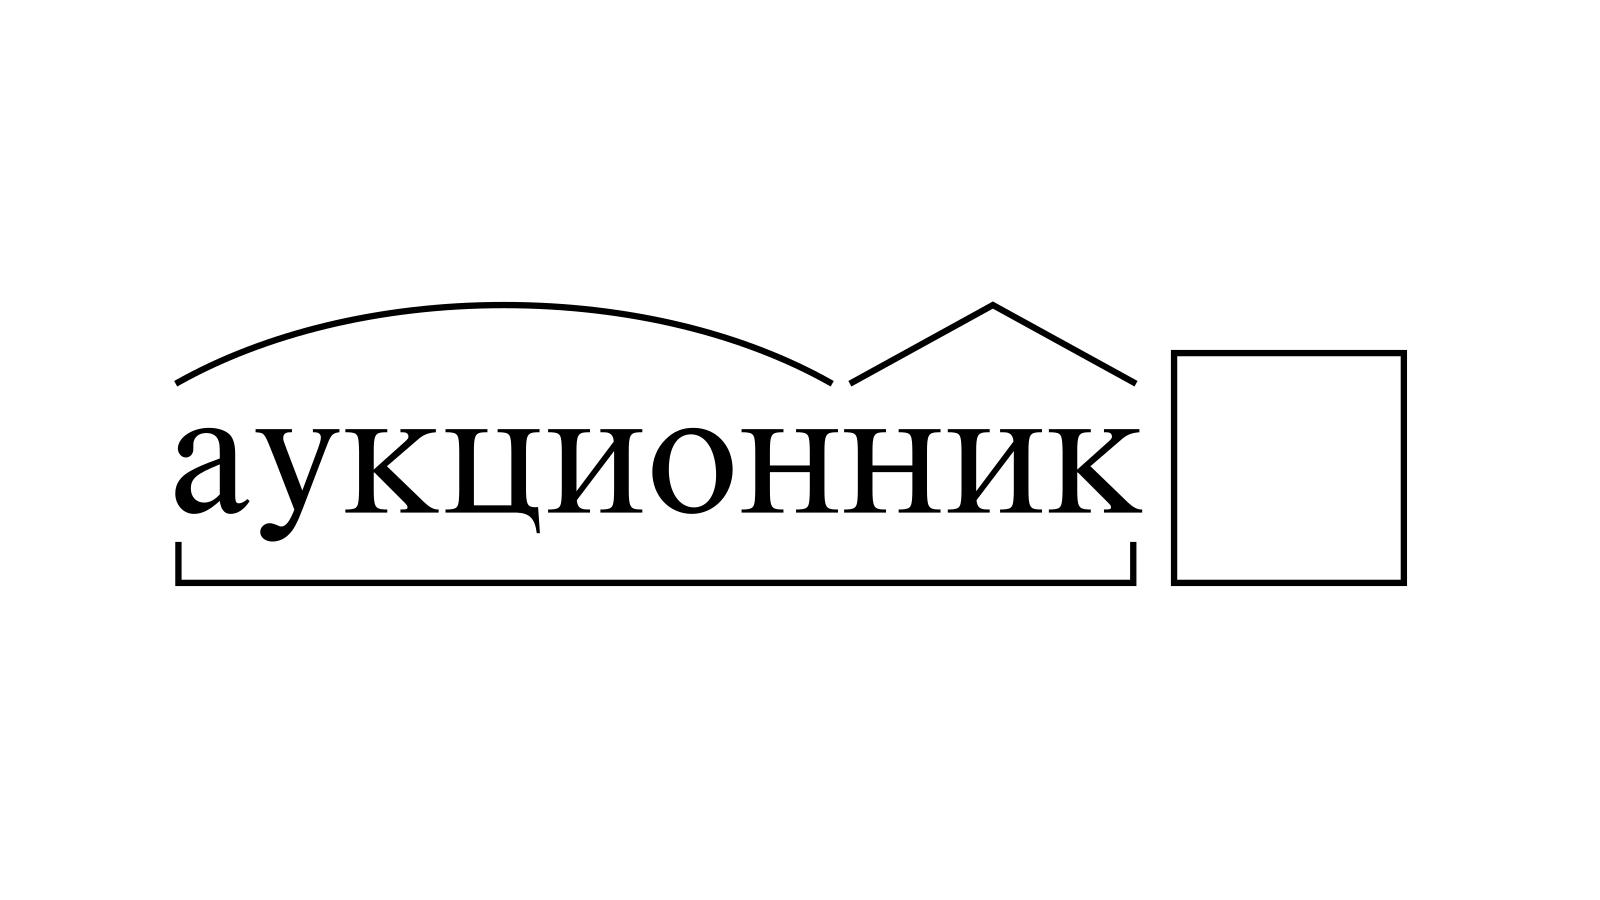 Разбор слова «аукционник» по составу